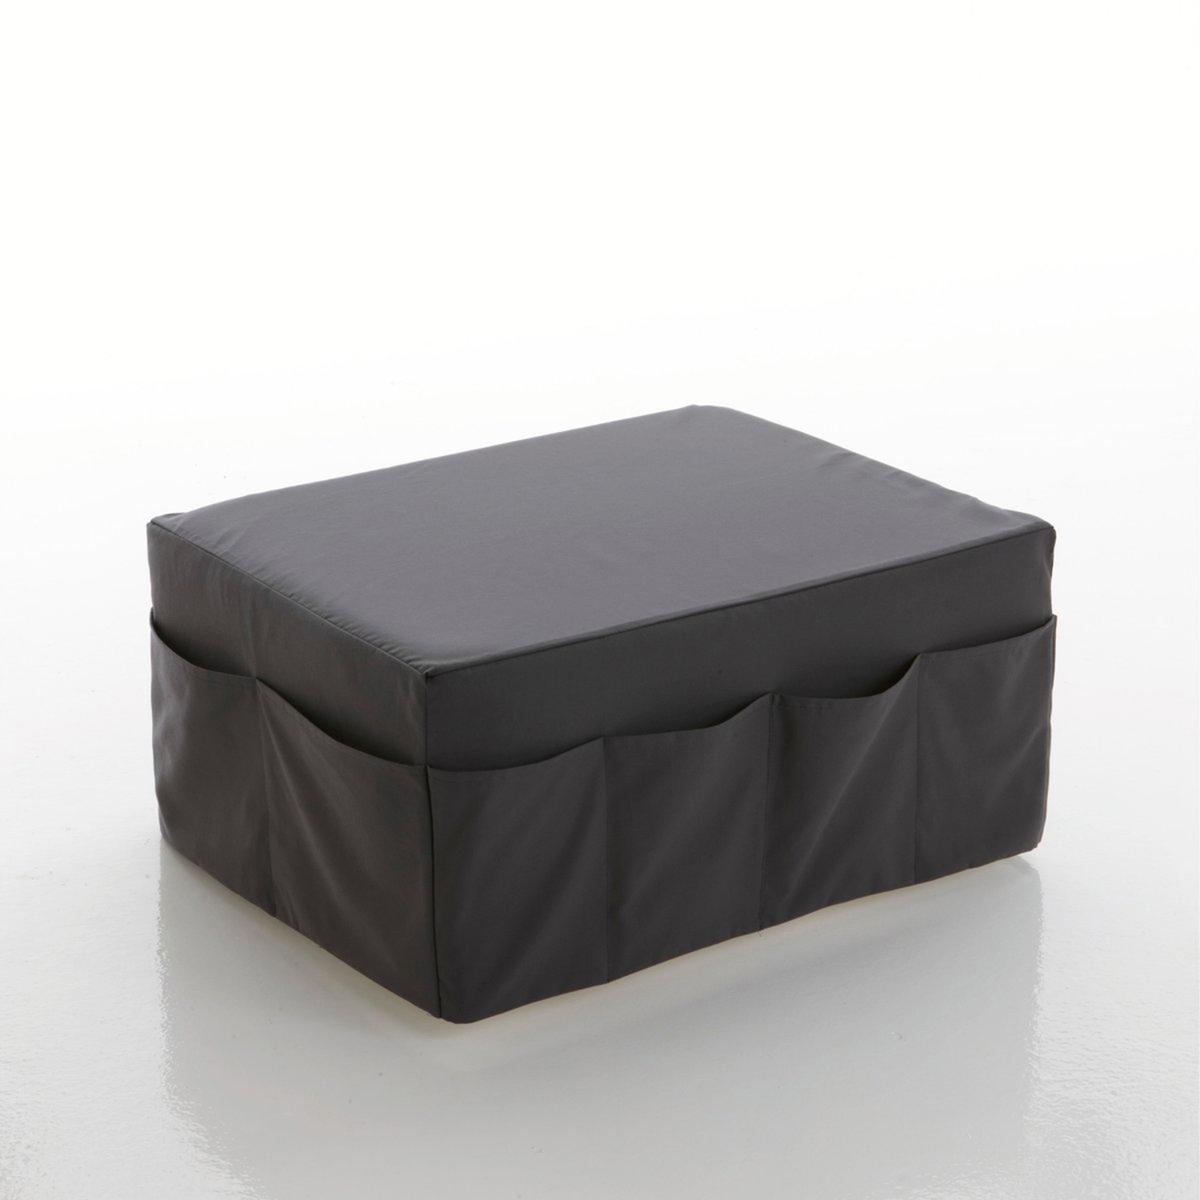 Банкетка-пуф со съемным чехлом, большая,  MeetingМягкая банкетка-пуф со съемным чехлом Meeting, комфортный материал Bultex, большая. Банкетка-пуф со съемным чехлом и многочисленными карманами просто незаменима для тех, кто стремится к комфорту, красоте и практичности. Эта банкетка-пуф может выполнять функции сидения, низкого столика и дополнительного спального места! Можно объединять и сочетать банкетки в 7 цветовых гаммах! Производство: Франция.       Описание банкетки-пуфа Meeting:В гостиной можно использовать как сиденье и как маленький стол.В спальне можно разложить 3 блока из пеноматериала, и пуф превратится в небольшую удобную кровать.12 карманов. Характеристики банкетки-пуфа Meeting:Чехол из 100% хлопка с тефлоновым покрытием против пятен.Качество сиденья:Материал Bultex дарит мягкость и длительное чувство комфорта (плотность 37 кг/м?).Найдите другие модели из коллекции Meeting на нашем сайте laredoute.ru.Размеры банкетки-пуфа Meeting:Общие:Ширина: 80 см.Высота: 36 смГлубина: 63 см.В разложенном виде: Ширина 80 x длина 189 x толщина 12 см. Клиентская служба Ла Редут:Срок службы деталей 1 год.<br><br>Цвет: красный,серо-коричневый каштан,темно-фиолетовый,фисташковый,шоколадно-каштановый,экрю